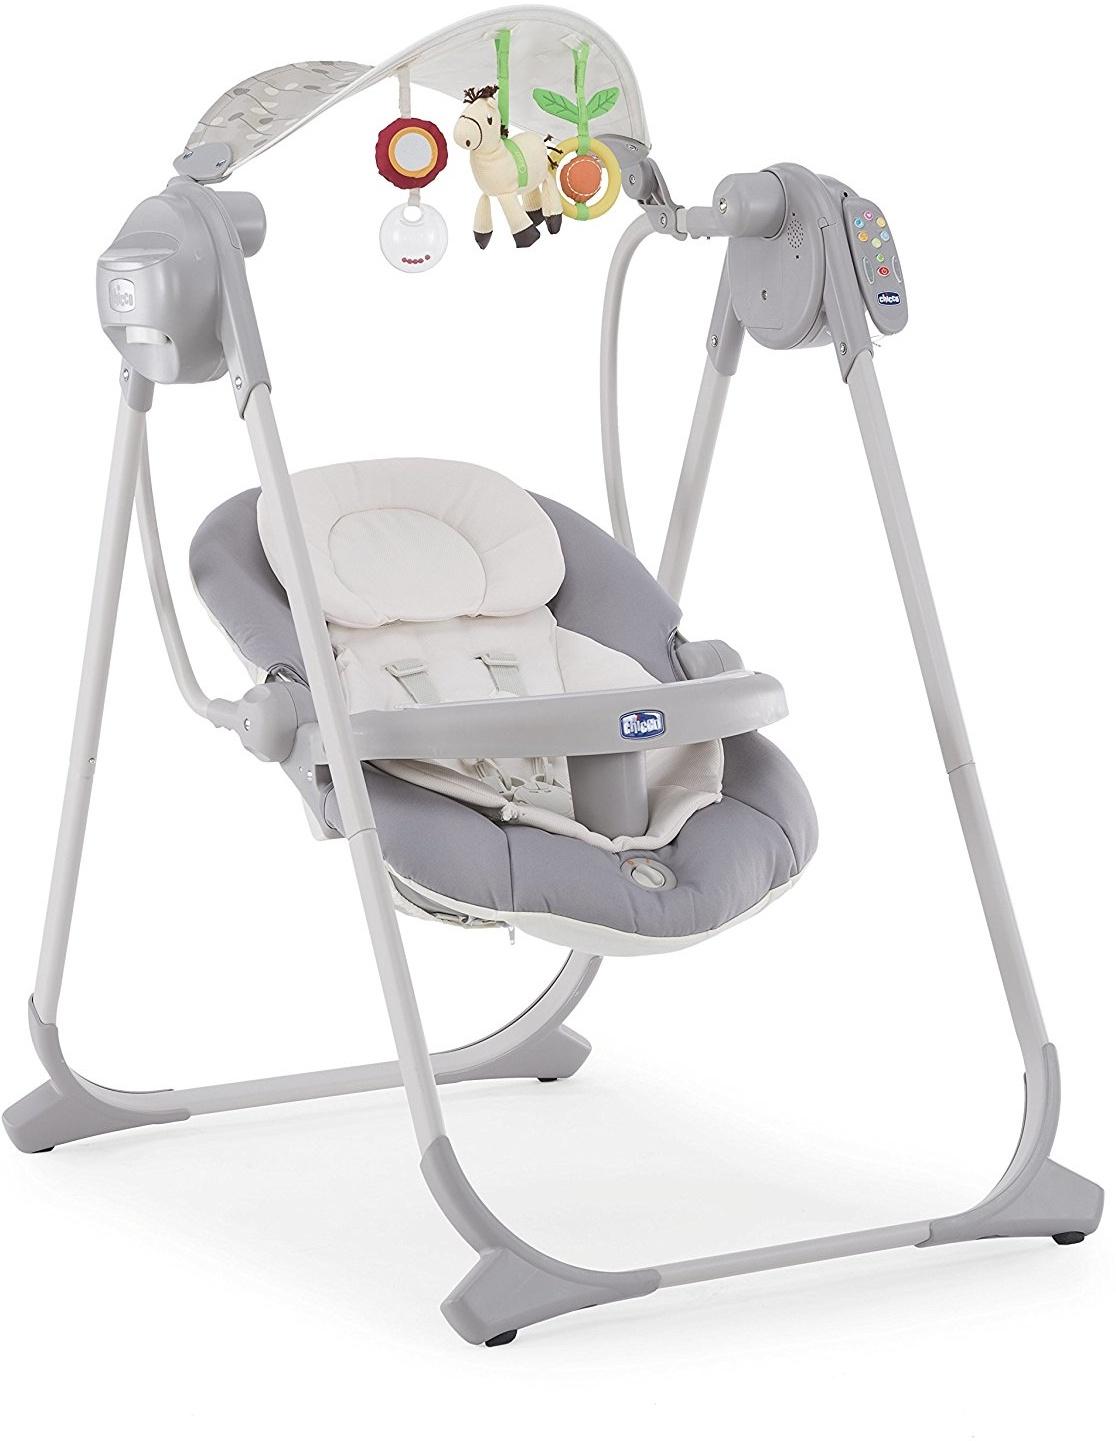 Качели для новорожденных Chicco Polly Swing Up серый качели chicco polly swing up paprika 7911071